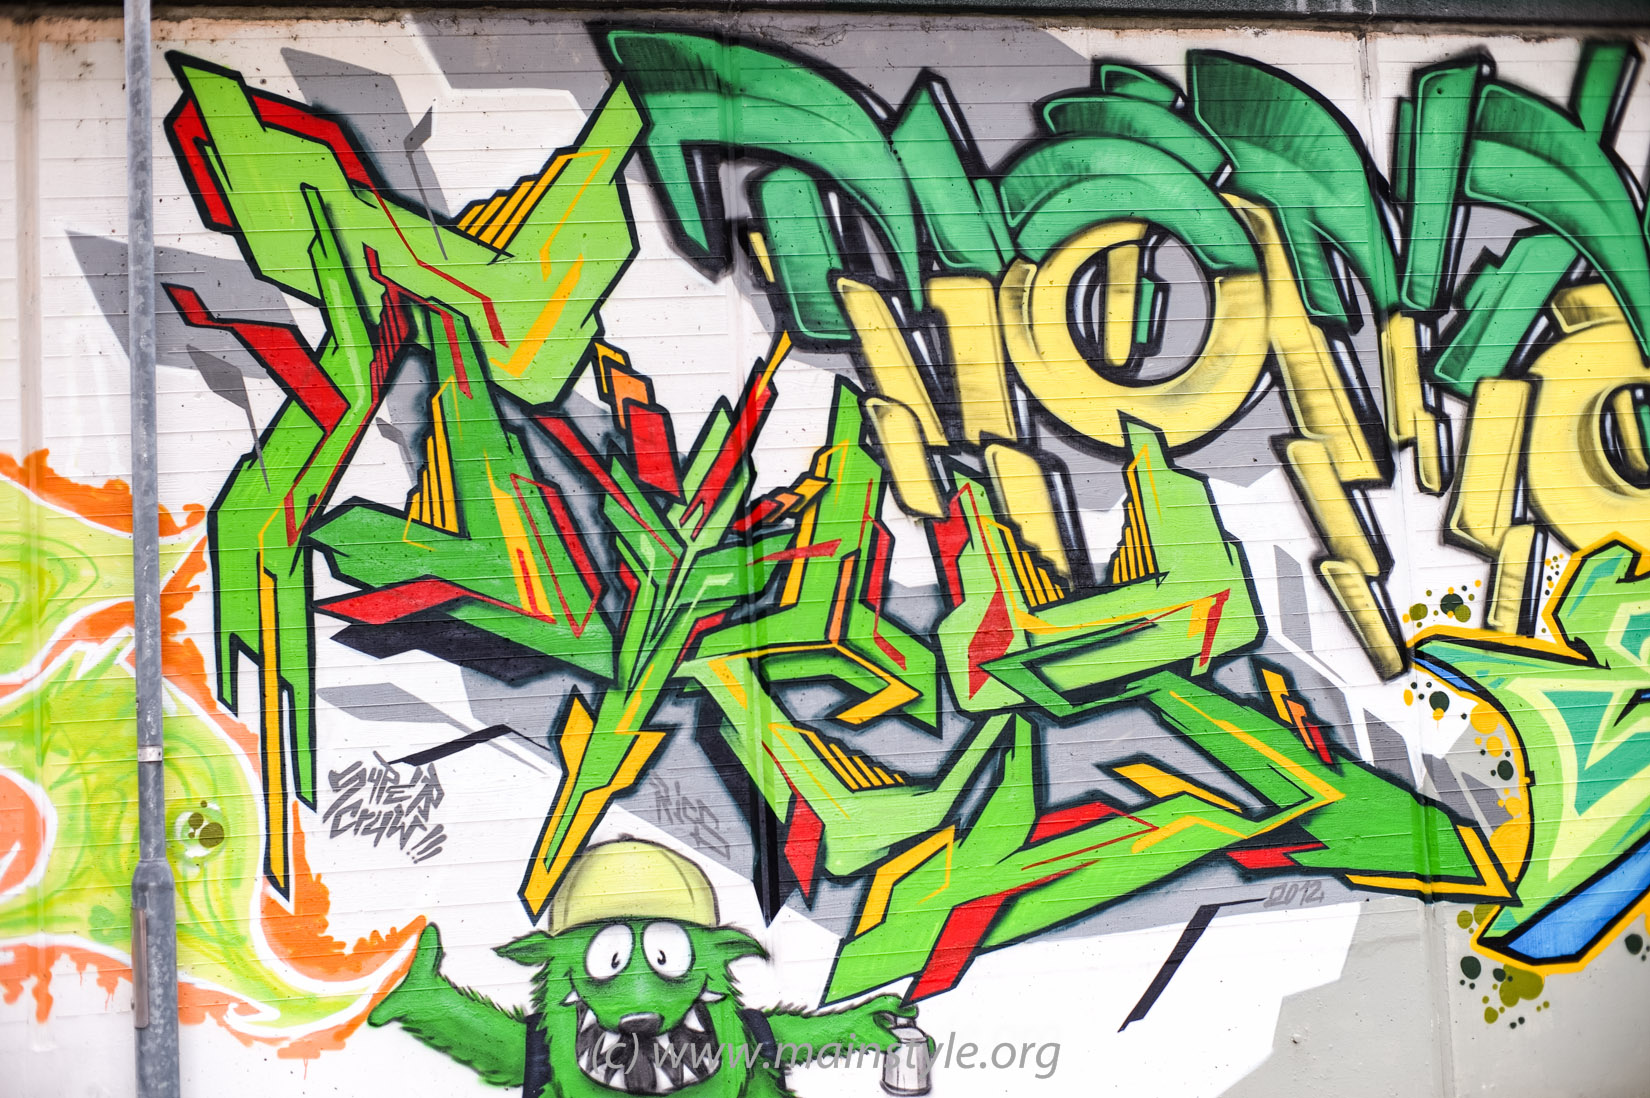 Frankfurt-Höchst_Graffiti_Süwag-Wall_2012 (19 von 35)